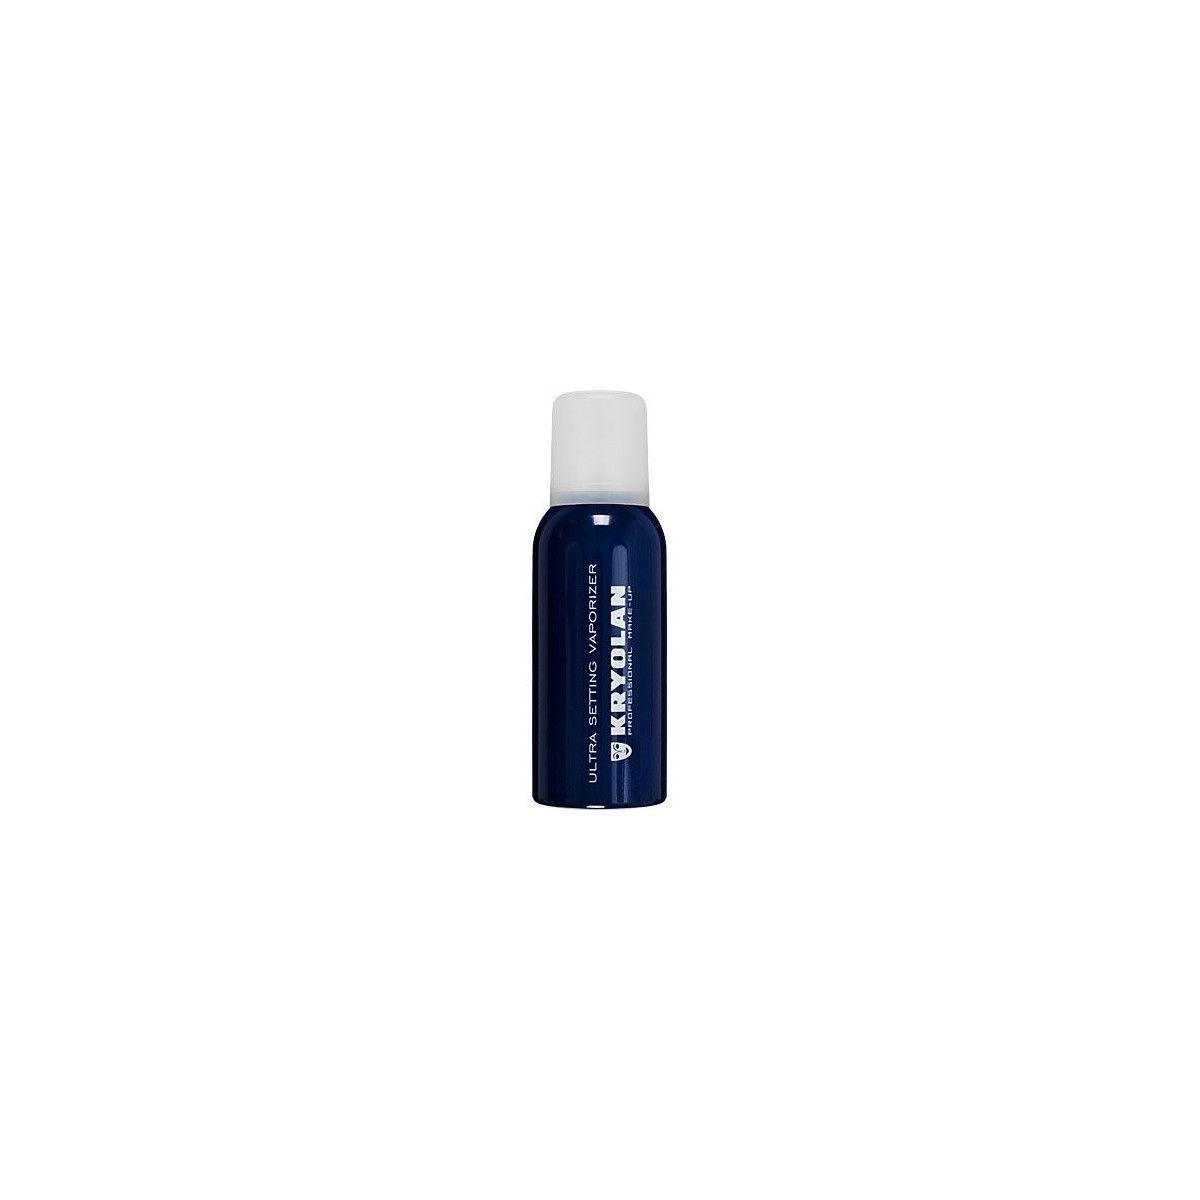 Kryolan Ultra Setting Vaporizer, spray matujący do utrwalania makijażu 100ml